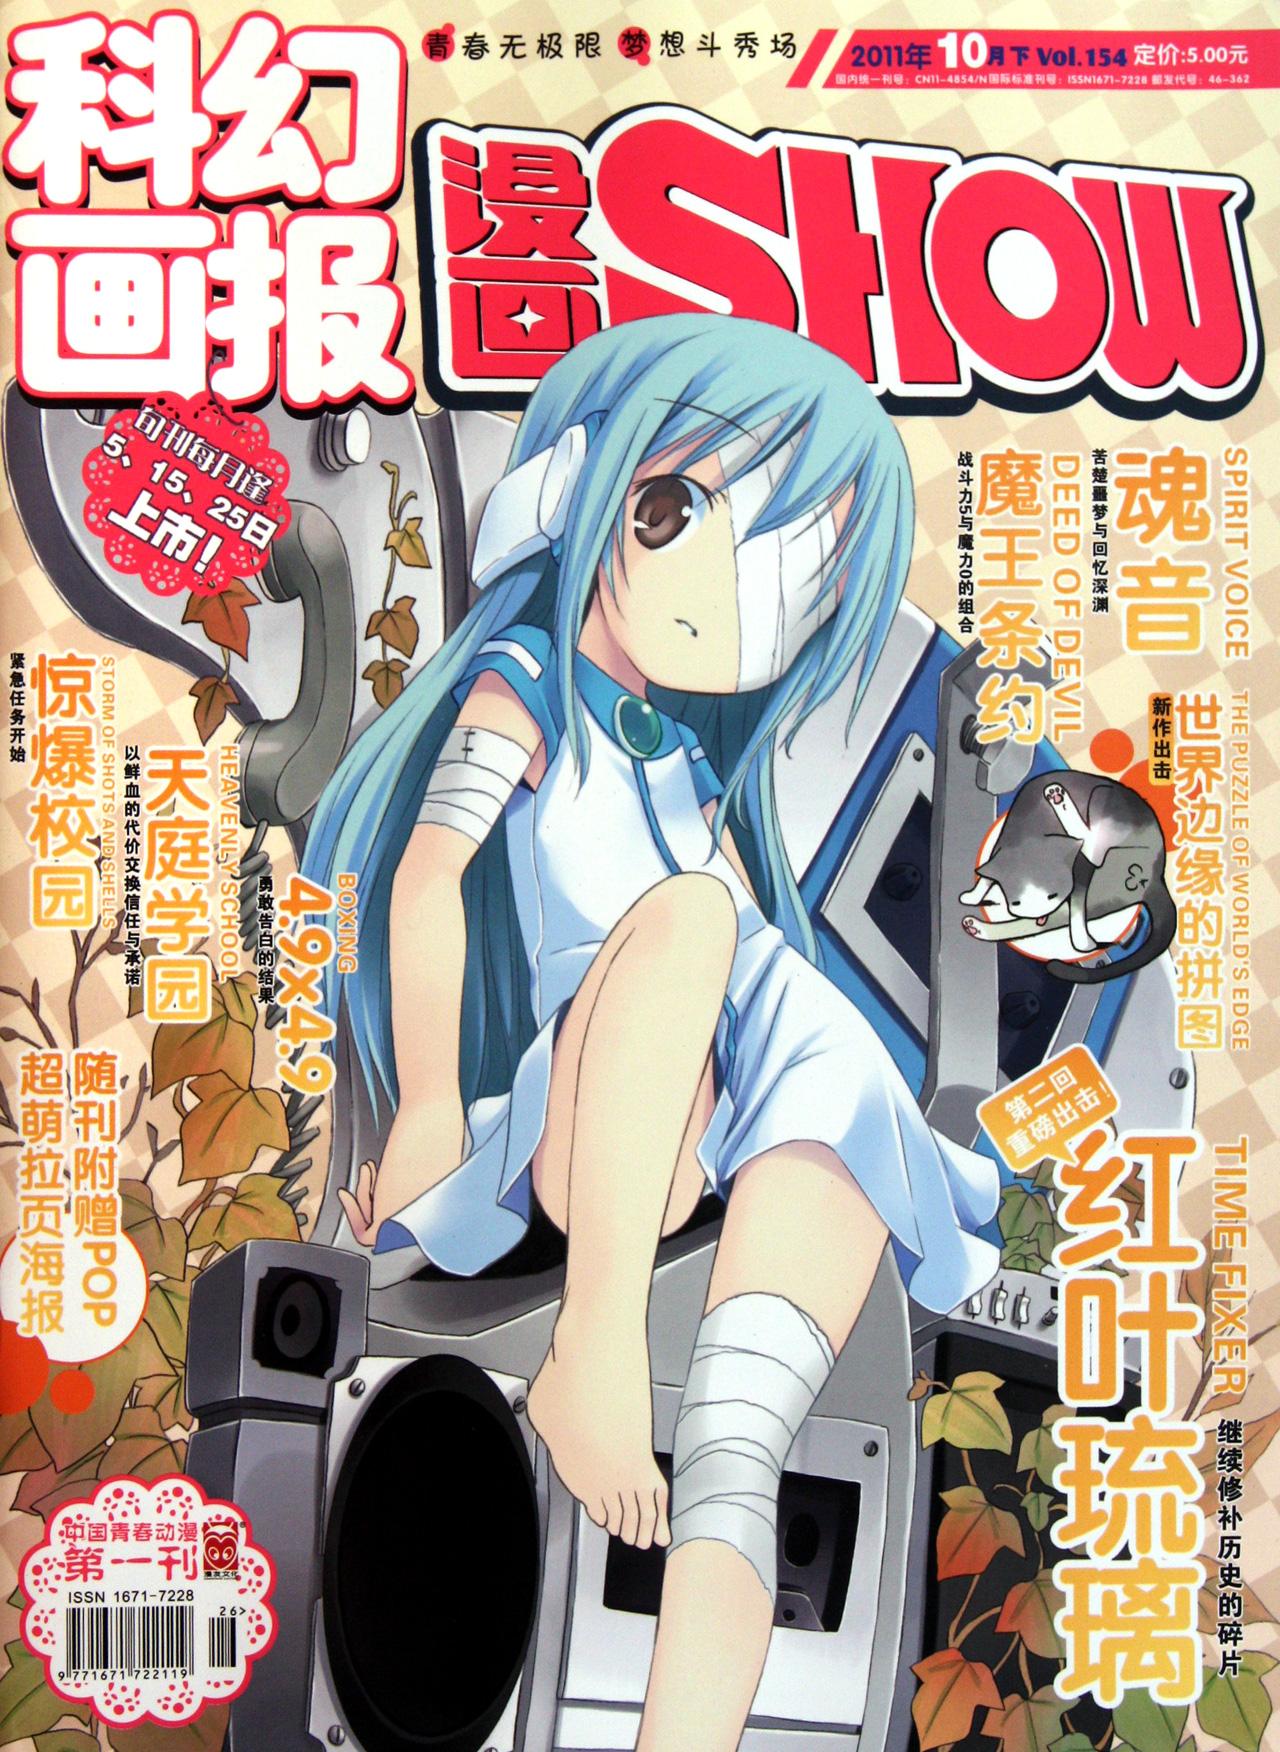 科幻画报漫画show(2011年10月下vol.154)